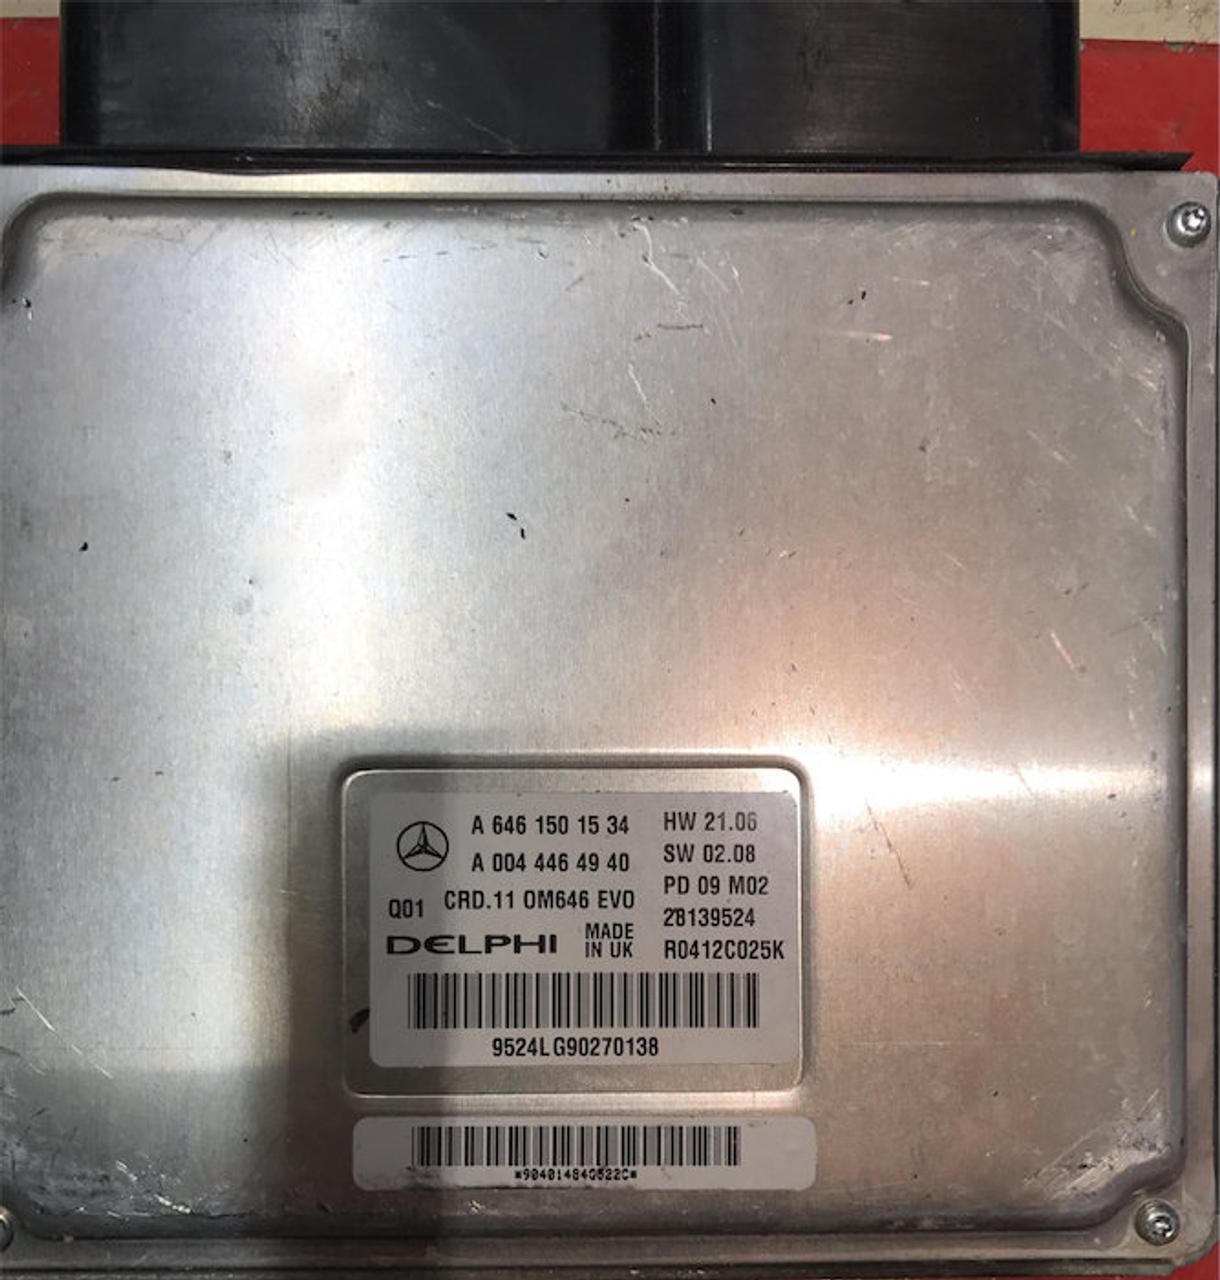 Plug & Play Delphi Engine ECU, Mercedes, A6461501534, A 646 150 15 34,  A0044464940, A 004 446 49 40, 28139524, R0412C025K, CRD 11 OM646 EVO